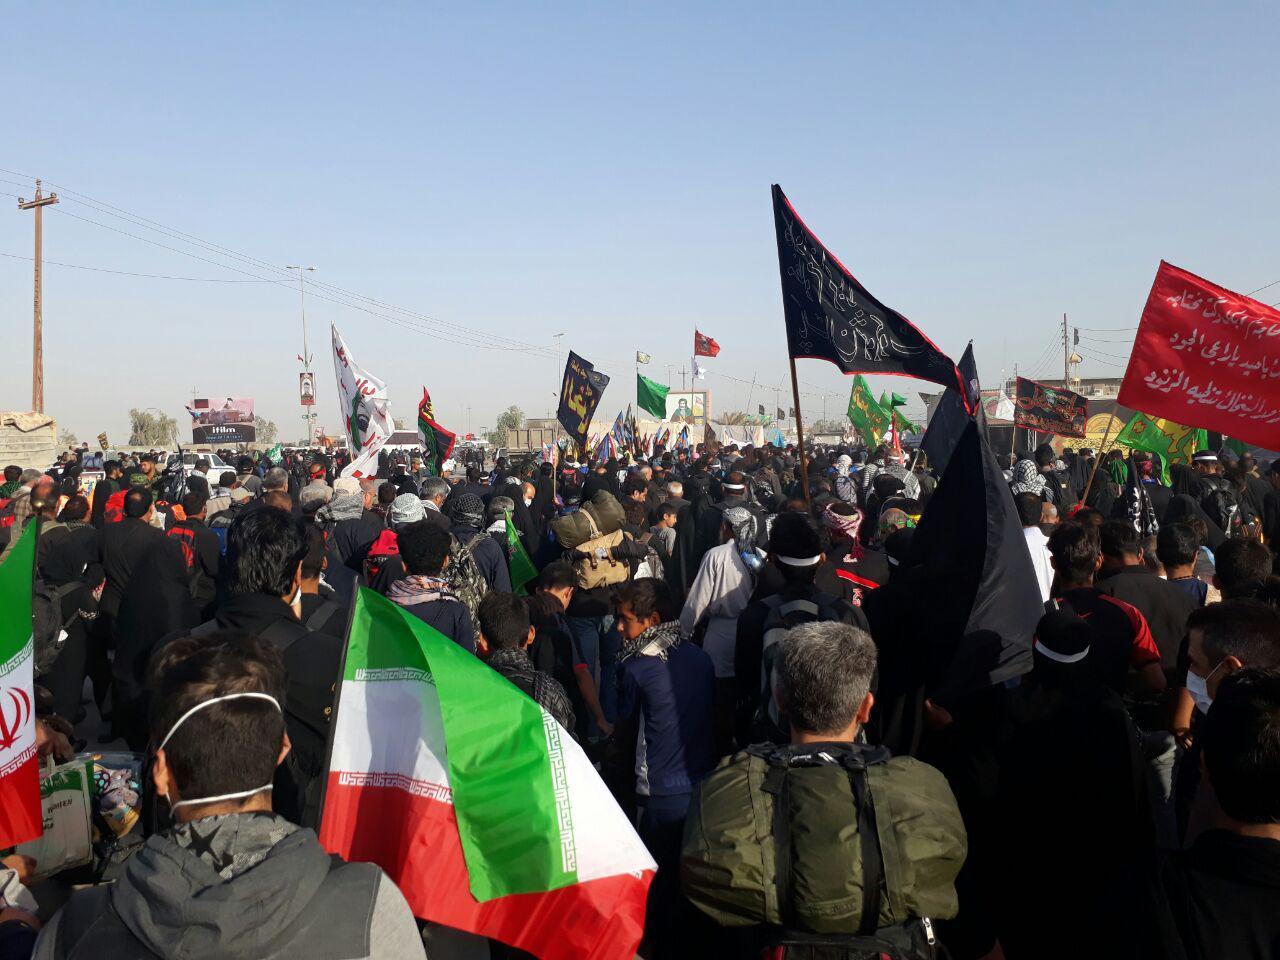 برنامه های دشمن برای تخریب آثار فرهنگی راهپیمایی اربعین